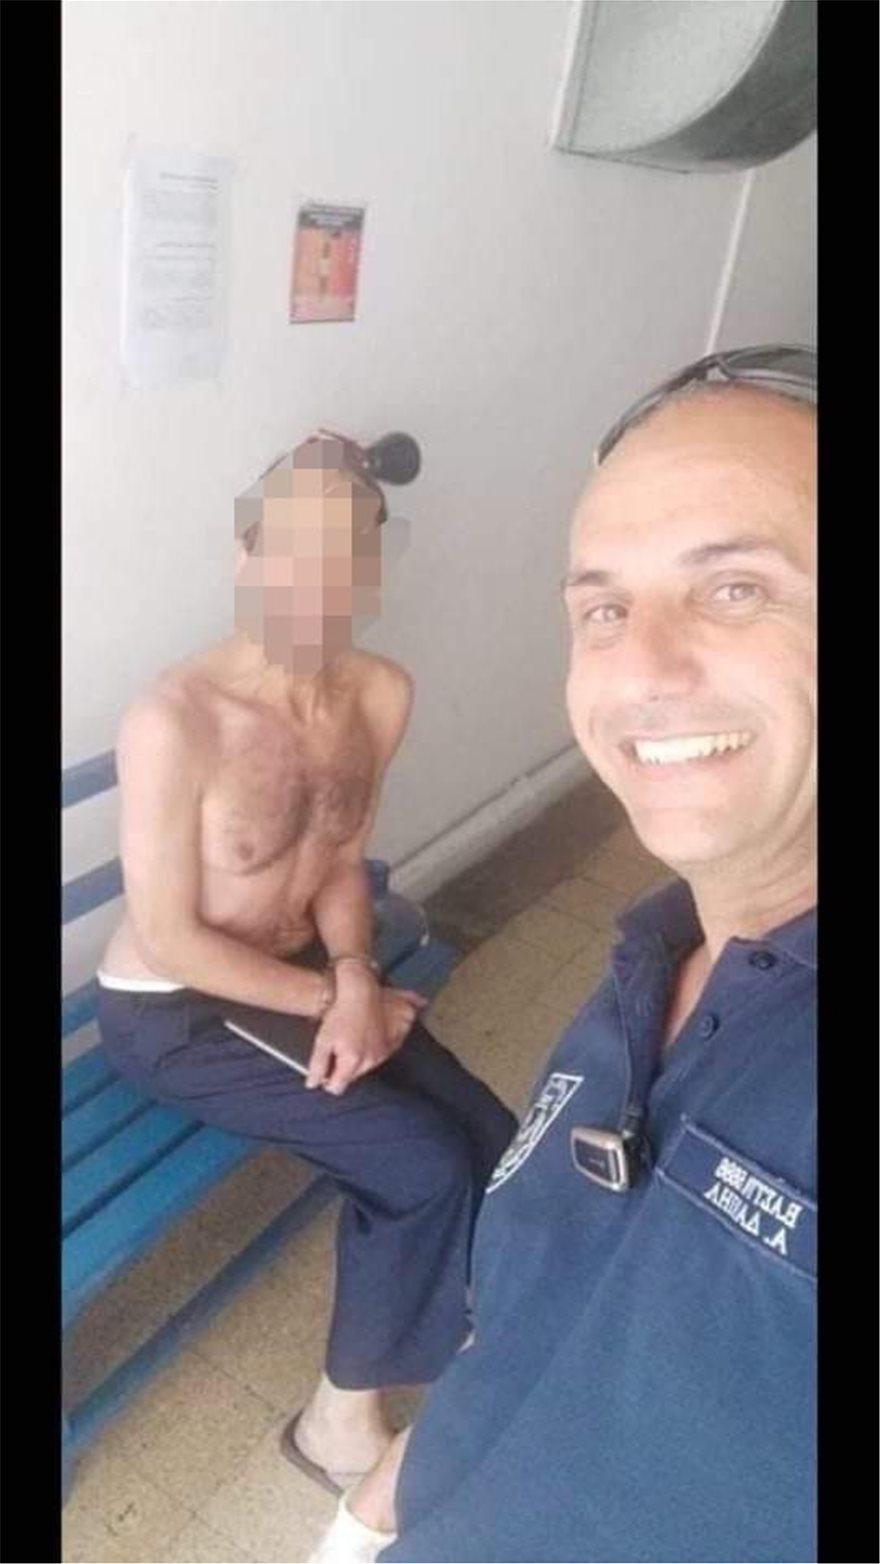 Απίστευτο βίντεο: Πήγε ολόγυμνος σε φαρμακείο της Κύπρου 10